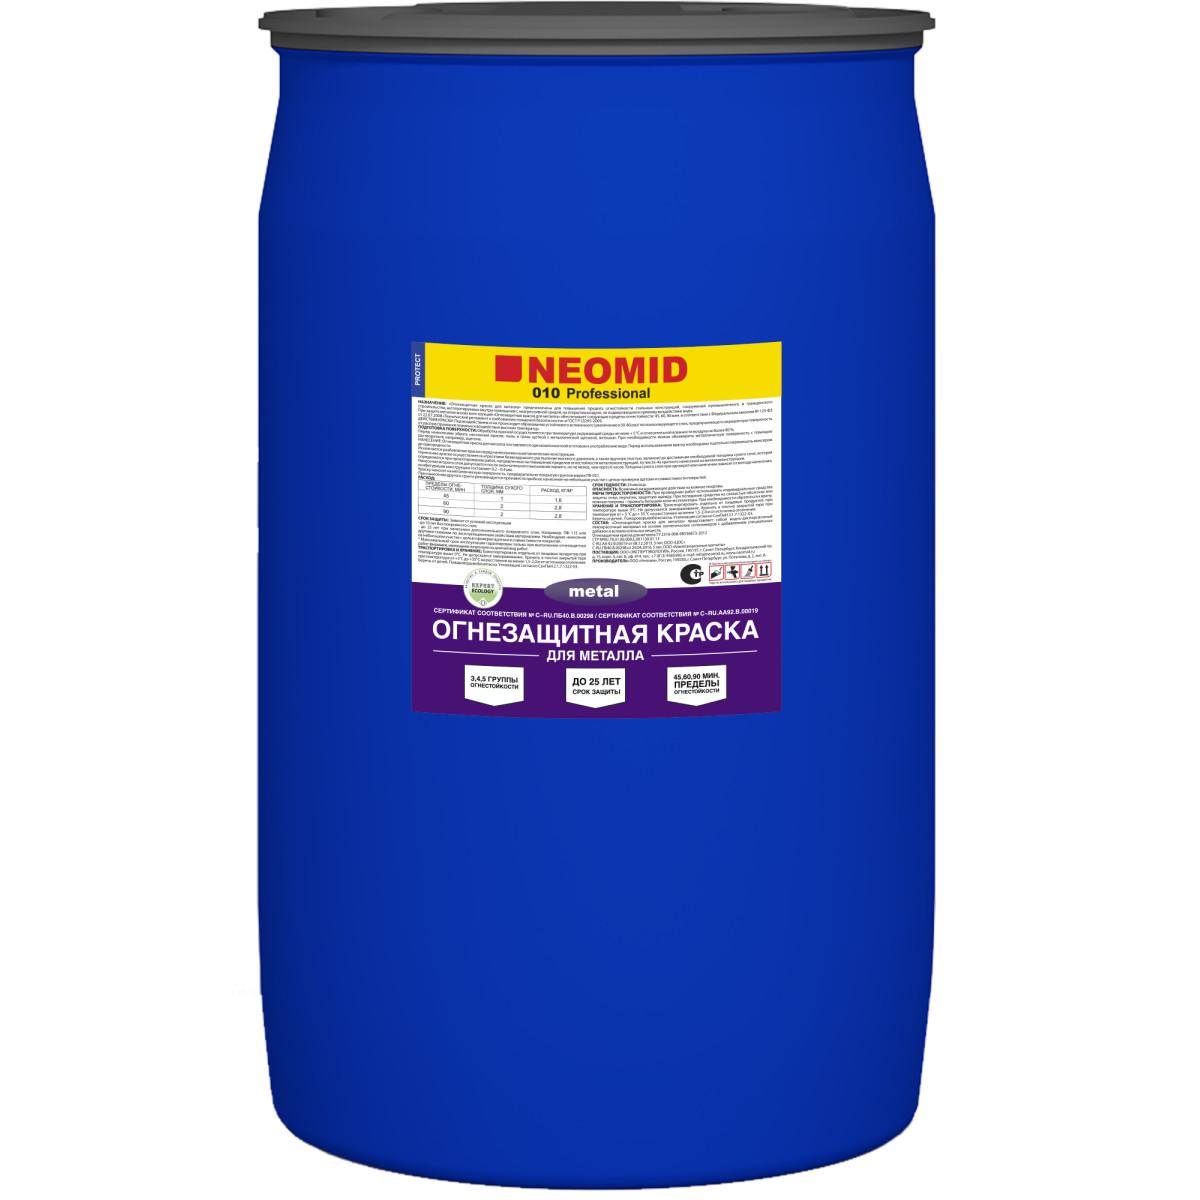 Огнезащитная краска для металла Neomid 150 кг